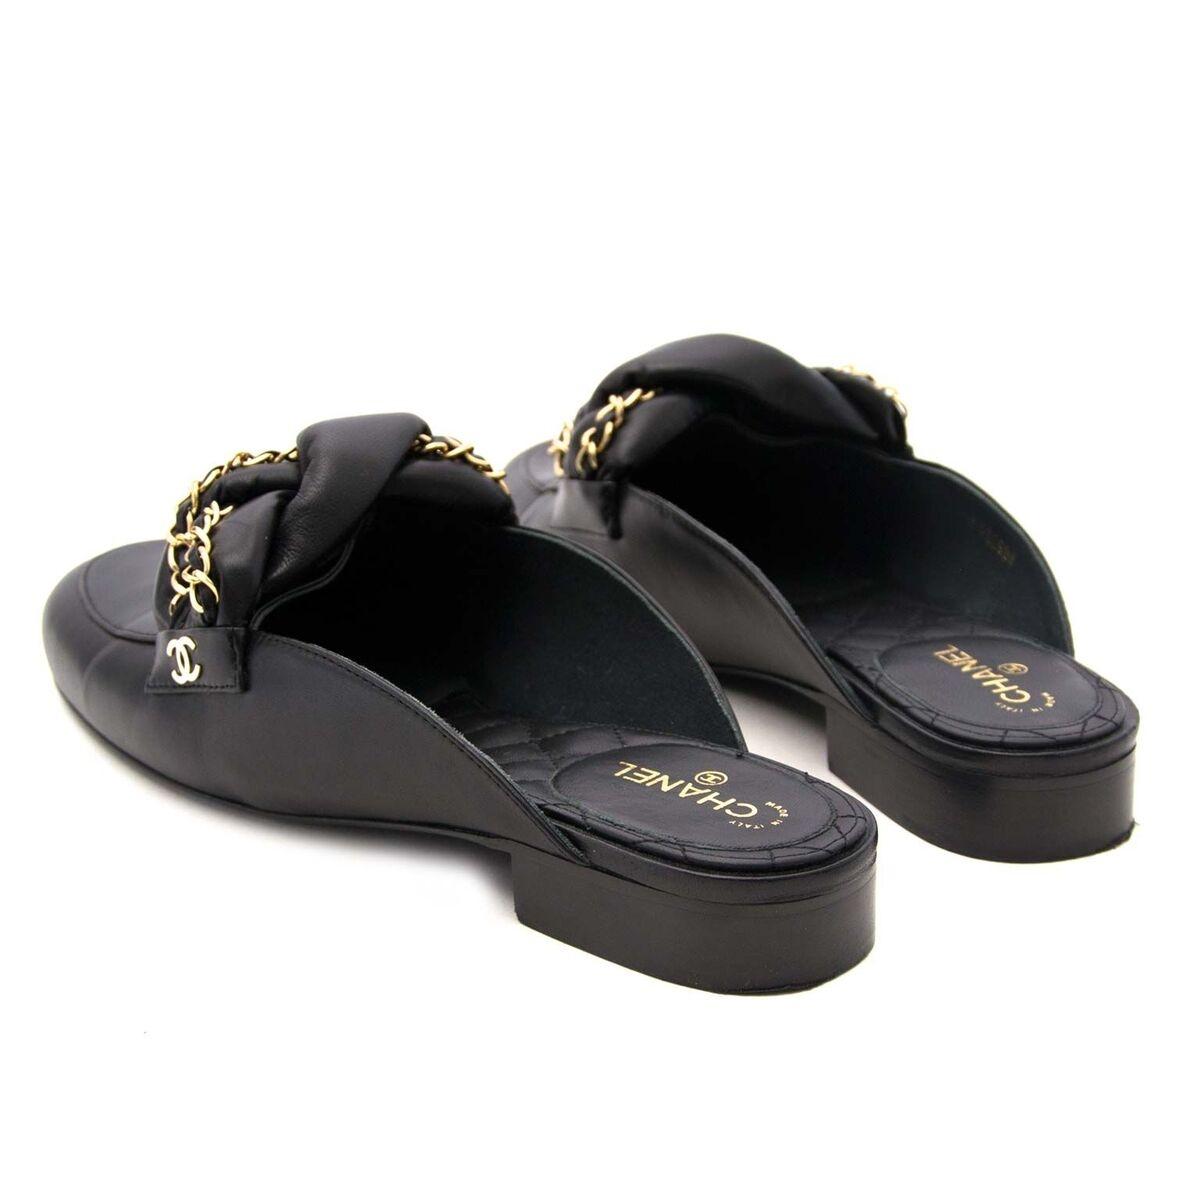 Koop authentieke tweedehands Chanel loafers aan een eerlijke prijs bij LabelLOV. Veilig online shoppen.